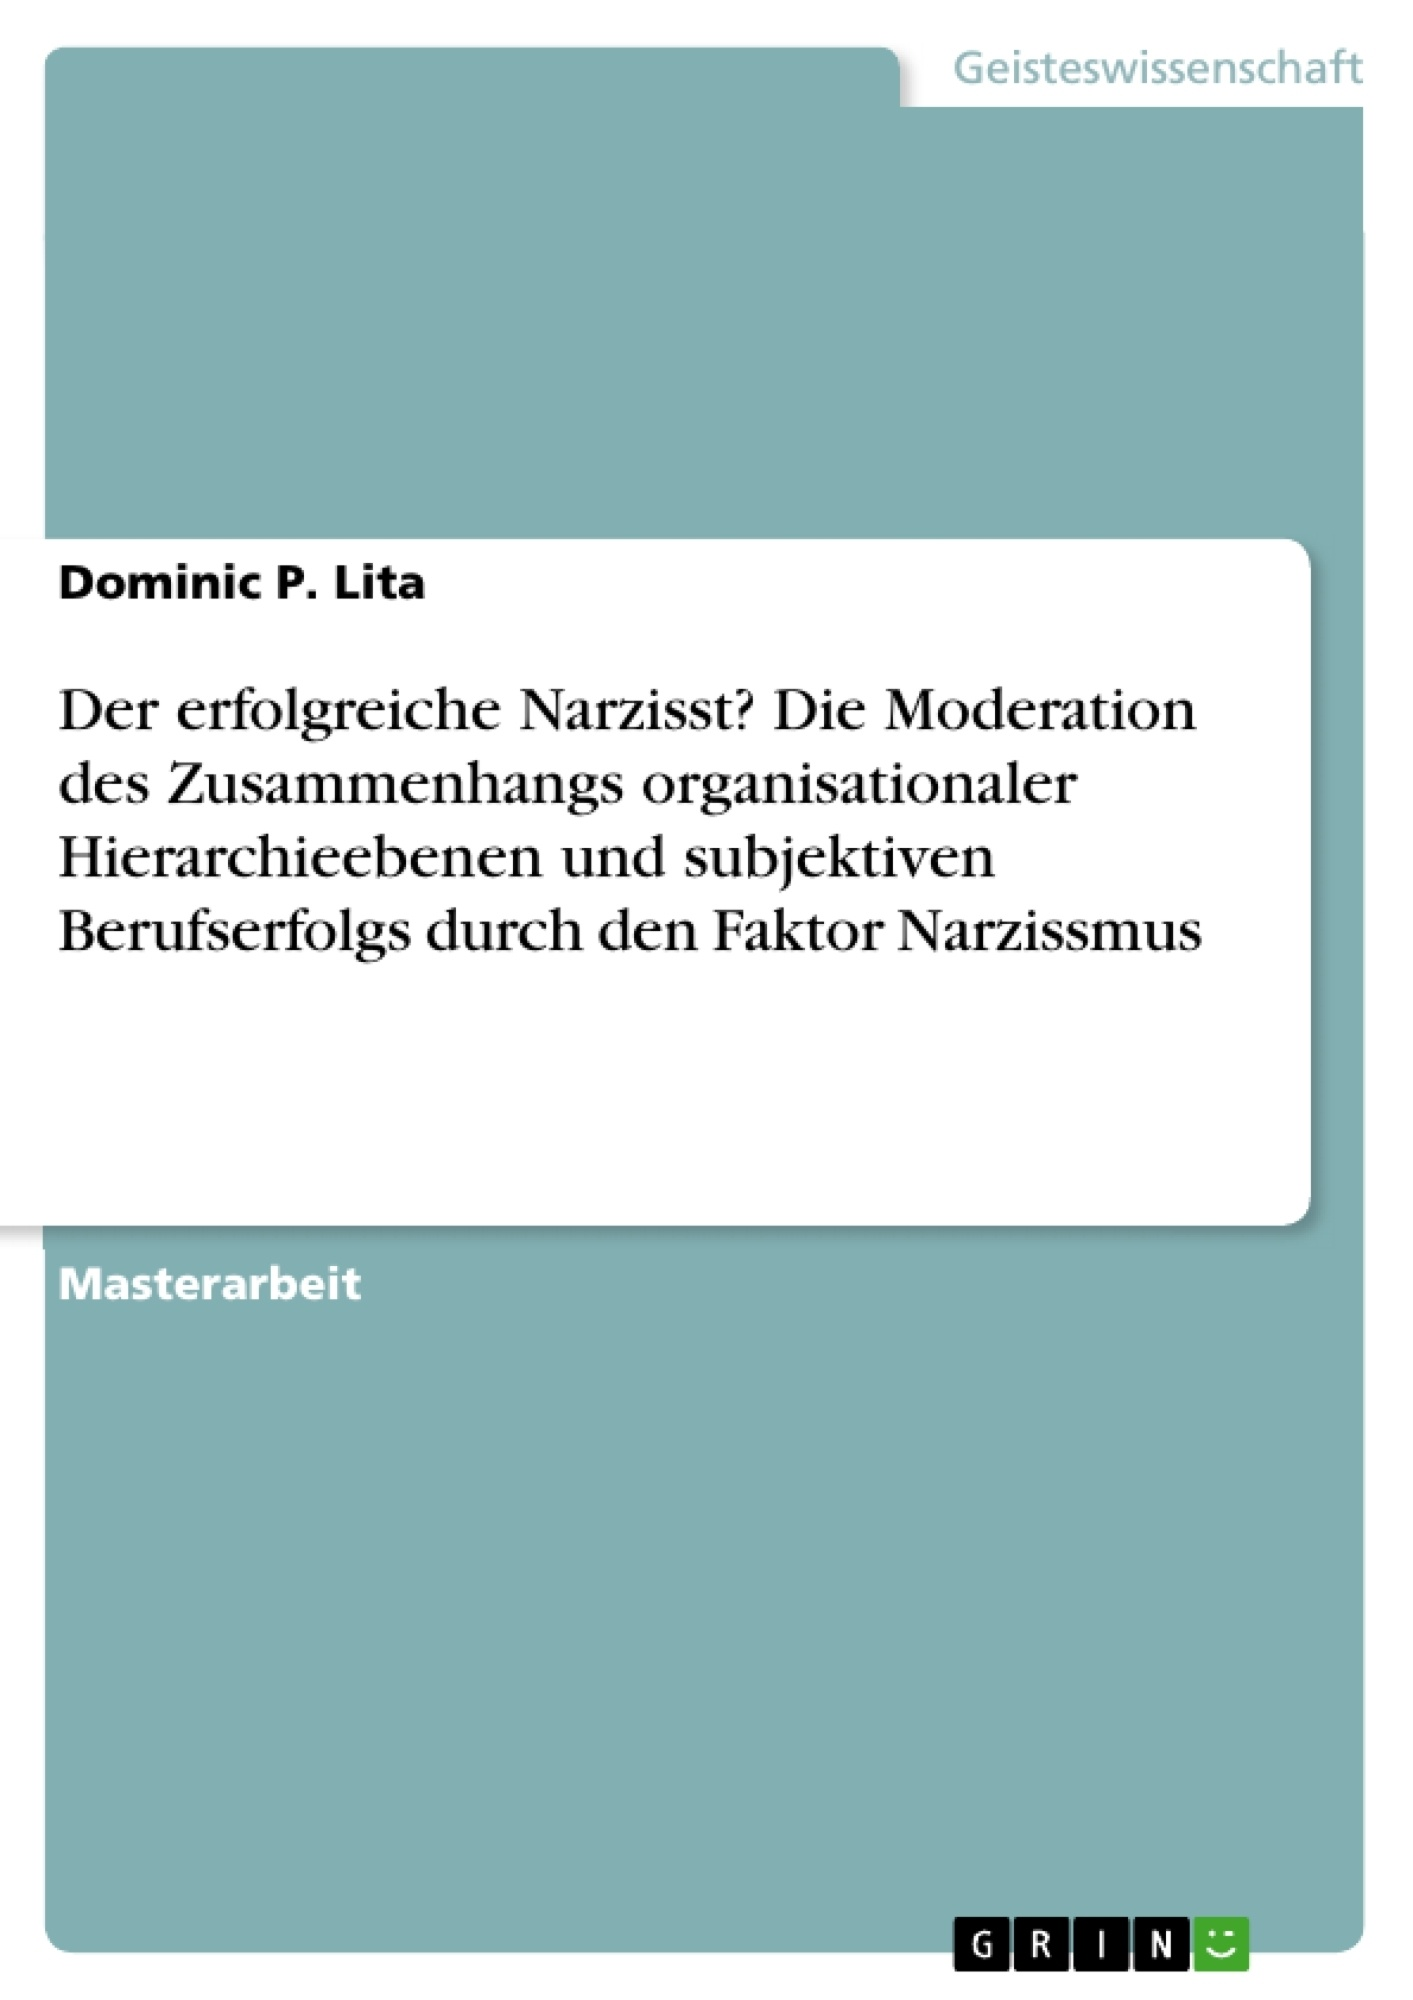 Titel: Der erfolgreiche Narzisst? Die Moderation des Zusammenhangs organisationaler Hierarchieebenen und subjektiven Berufserfolgs durch den Faktor Narzissmus